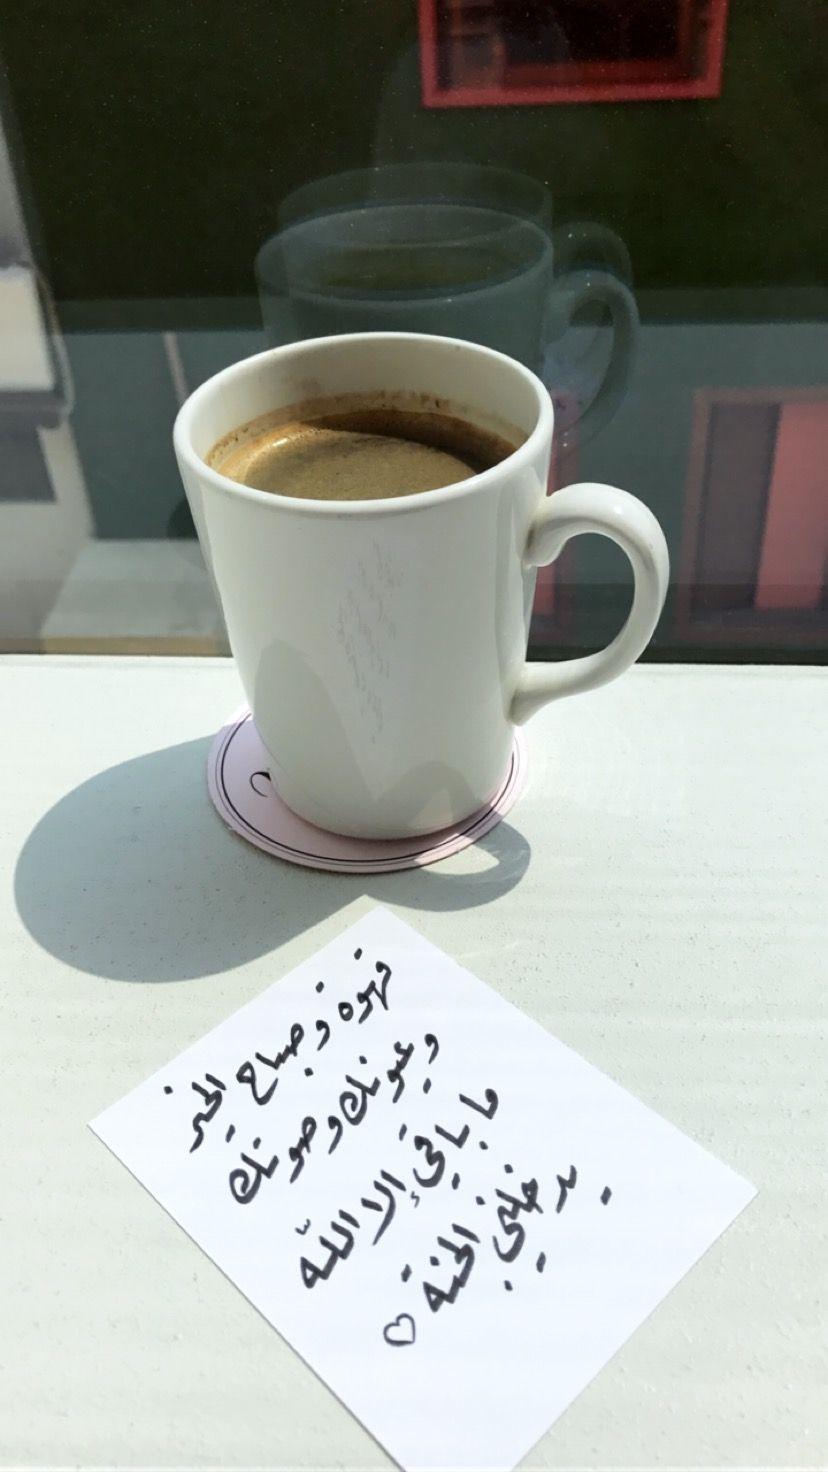 خط خطي تصويري البحرين العدلية قهوة صحبة رقعة قهوة الصباح Coffee Lover Glassware Tableware